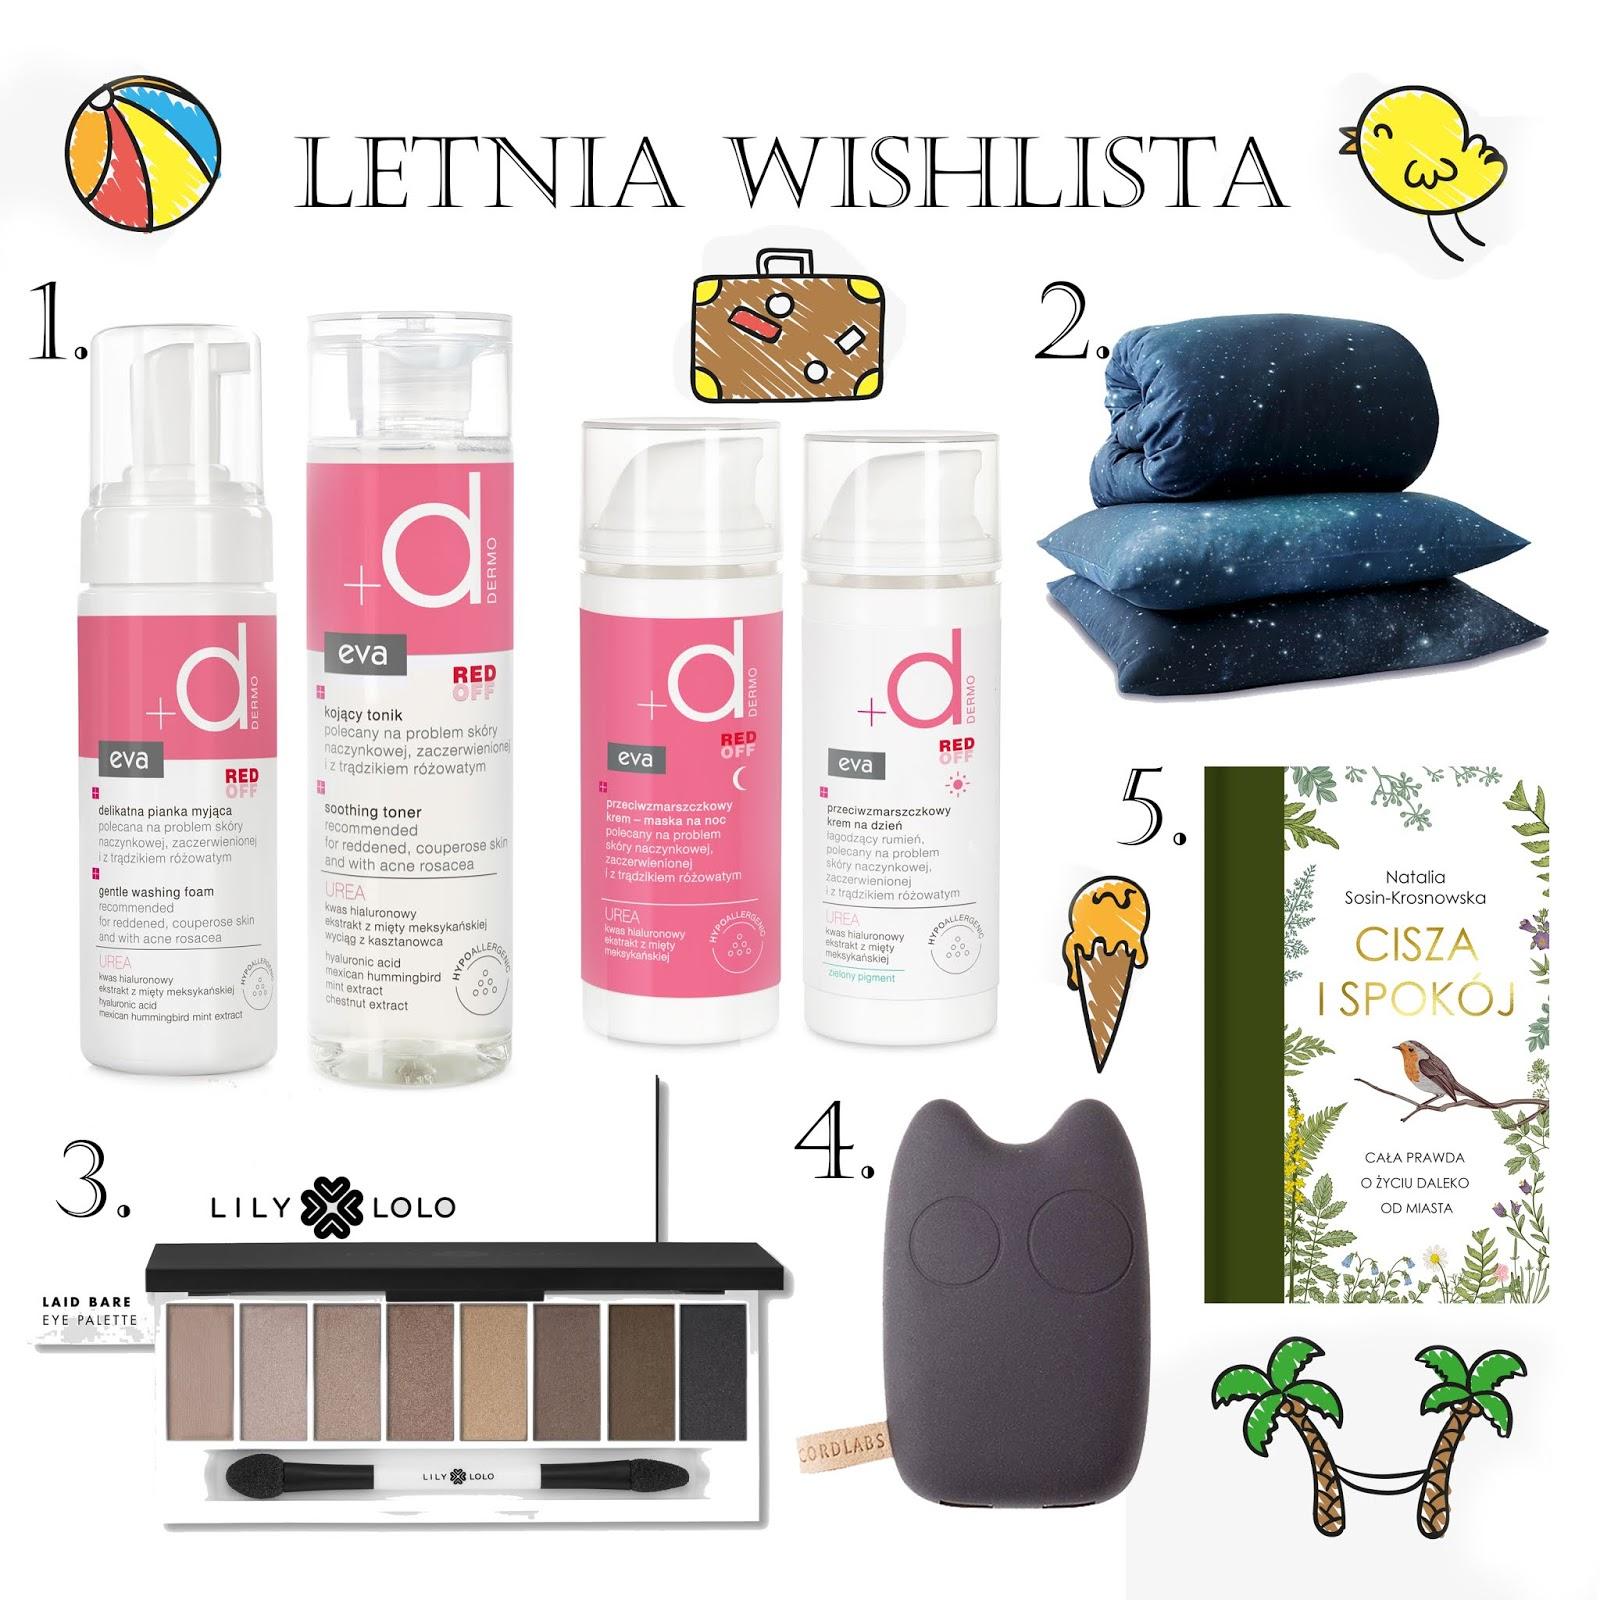 Letnia wishlista - Pollena Eva, Foonka, Lily Lolo, Cordlabs, Wydawnictwo Czarna Owca